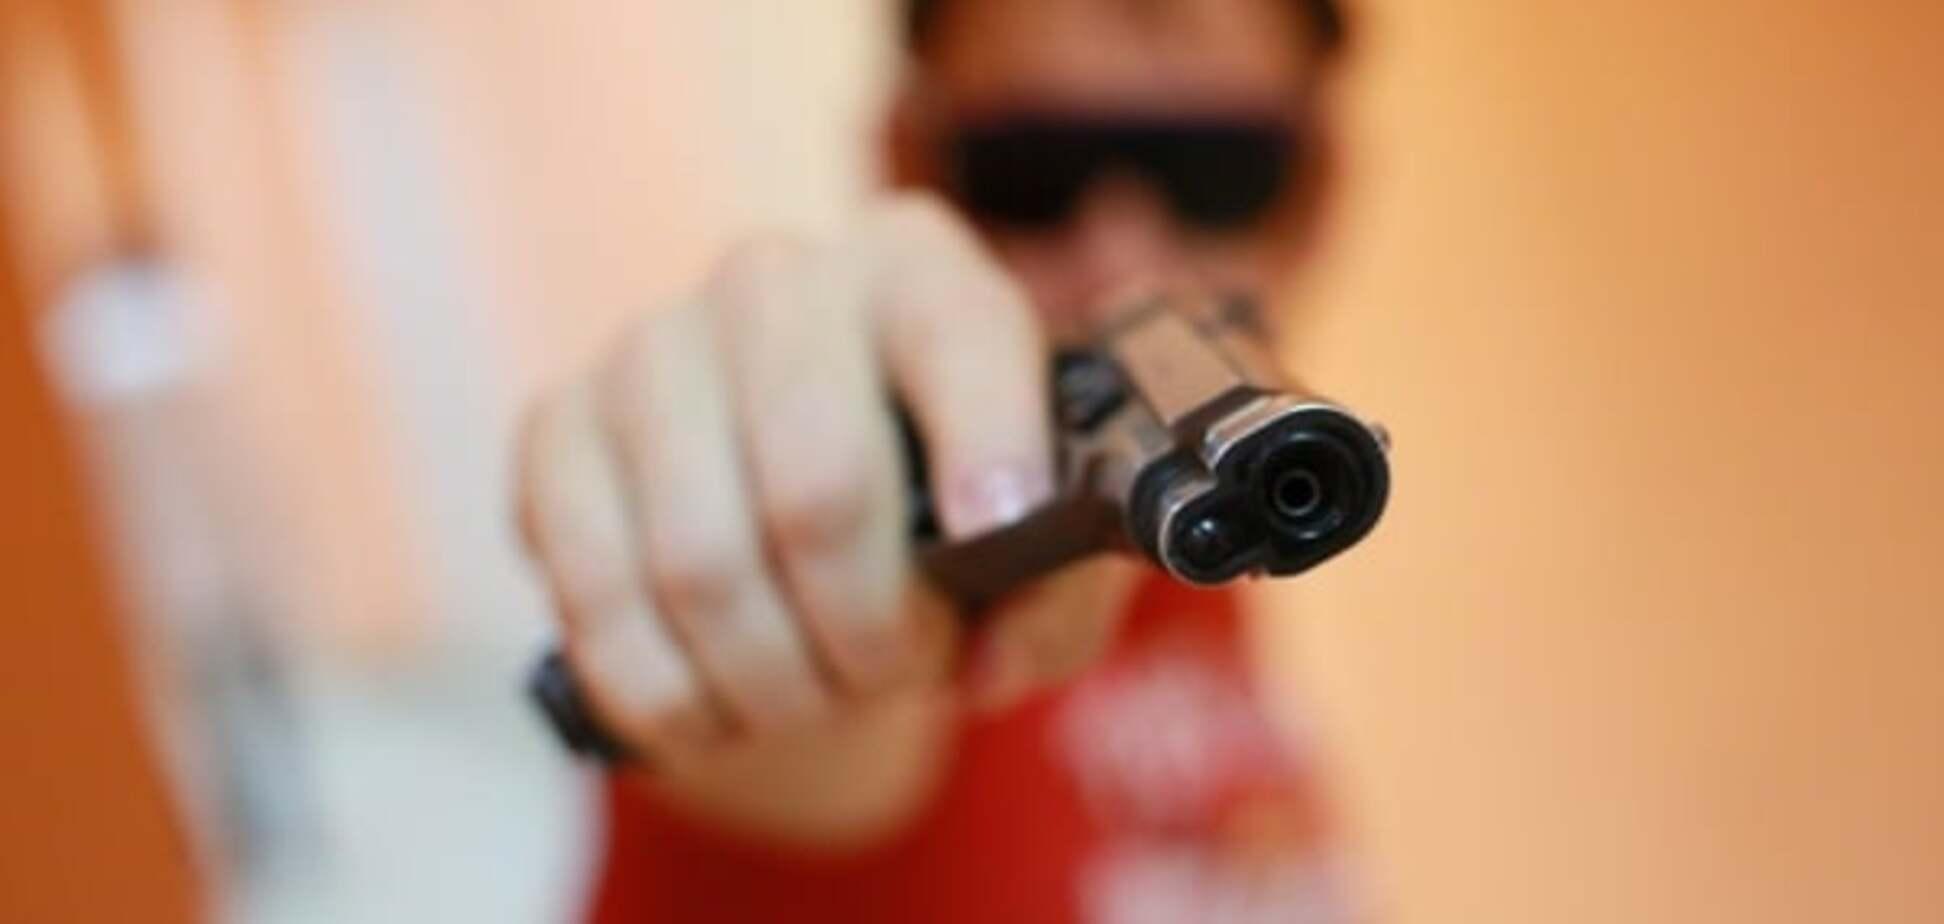 Телефон або життя: у Києві озброєний чоловік пограбував школярів